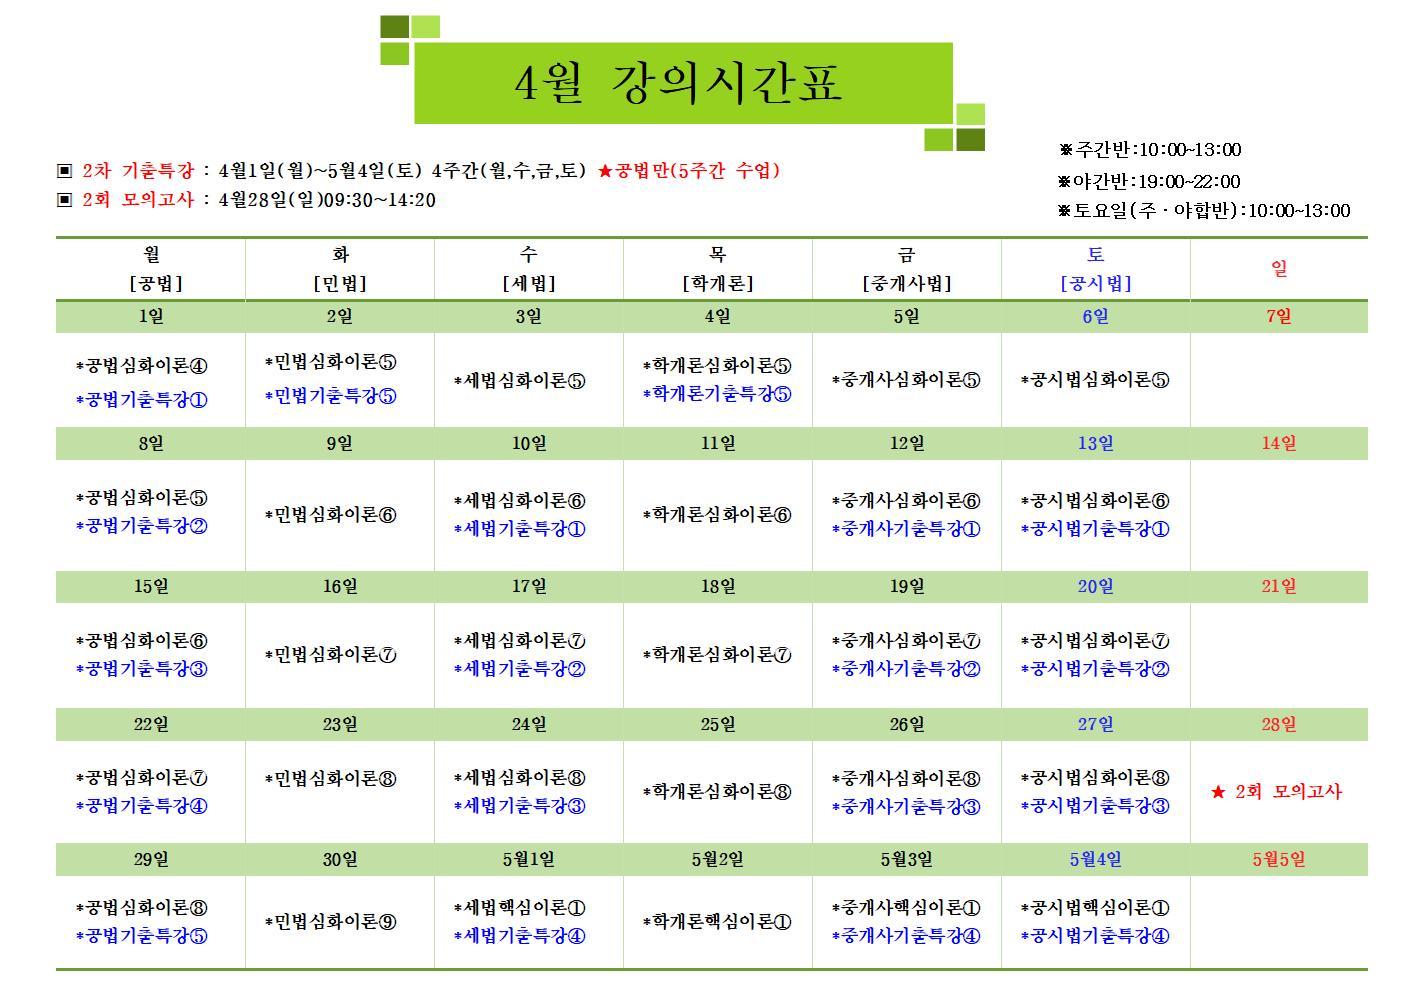 2019년 4월 공인중개사 강의시간표.jpg